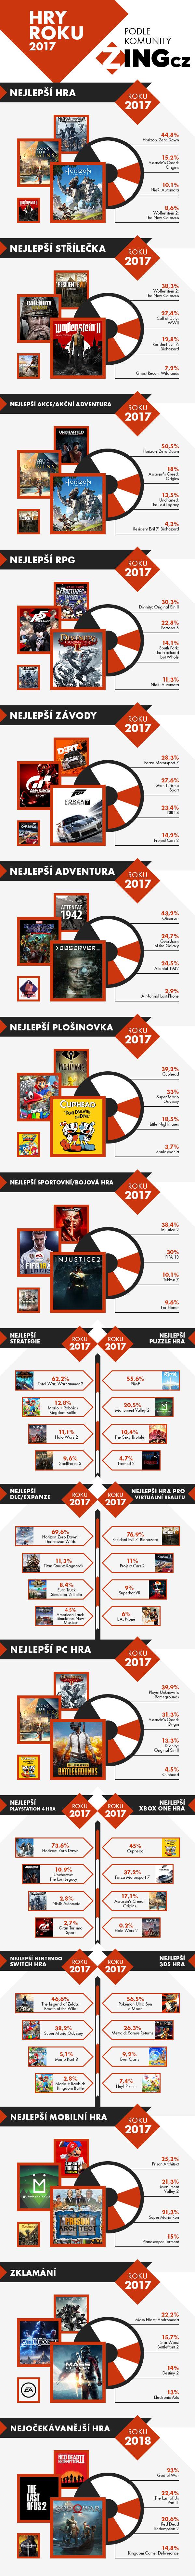 Hry roku 2017 komunity Zing.cz 155339